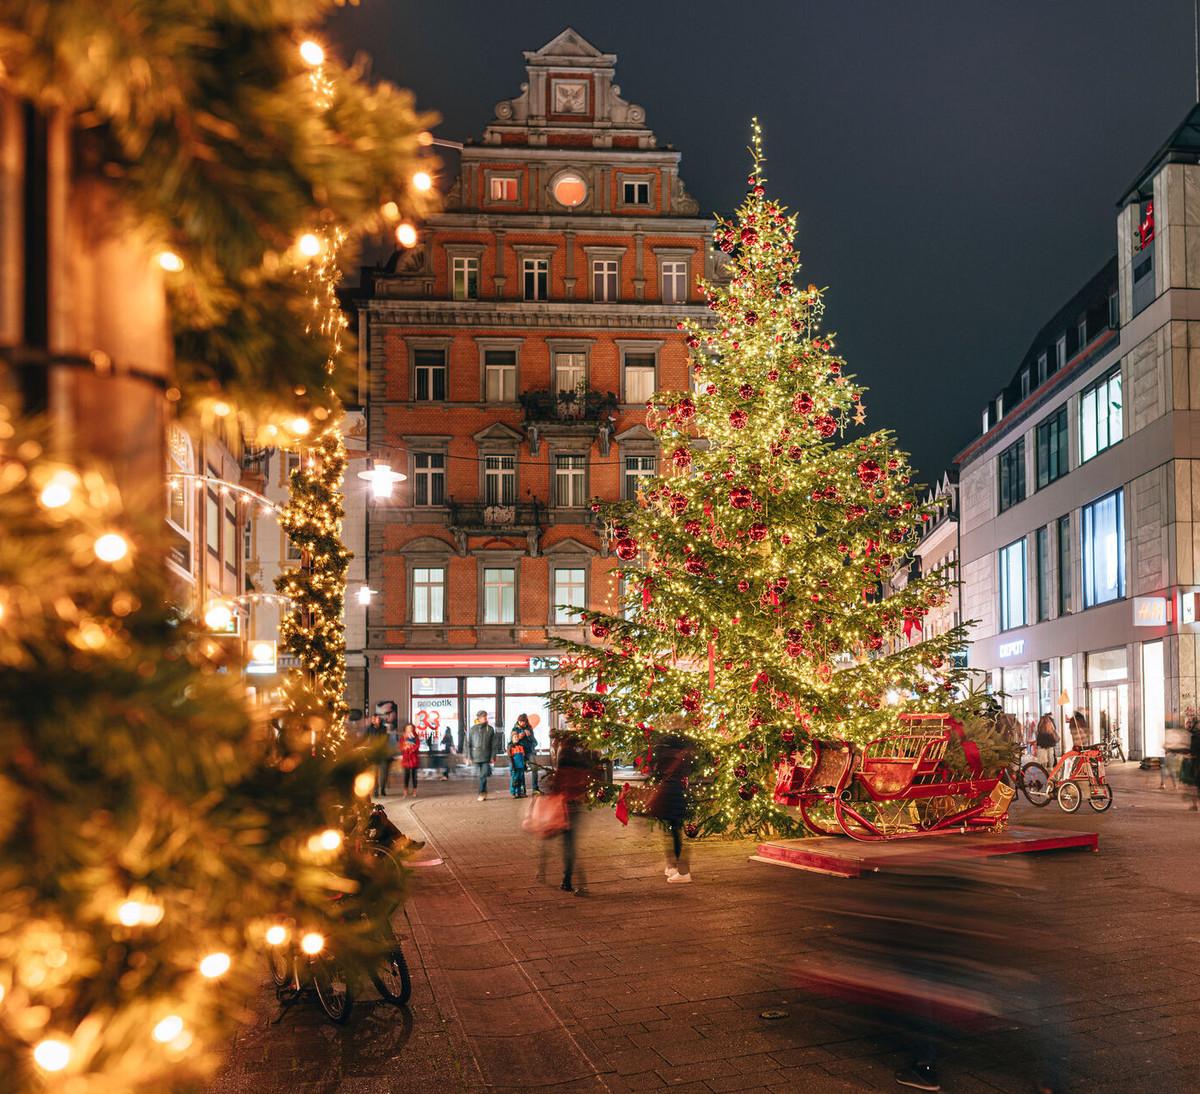 Konstanz-Winter-Weihnachtsbeleuchtung-Tannenbaum-Marktstaette-Abendstimmung-Innenstadt-07_Winter_Copyright_MTK-Leo-Leister